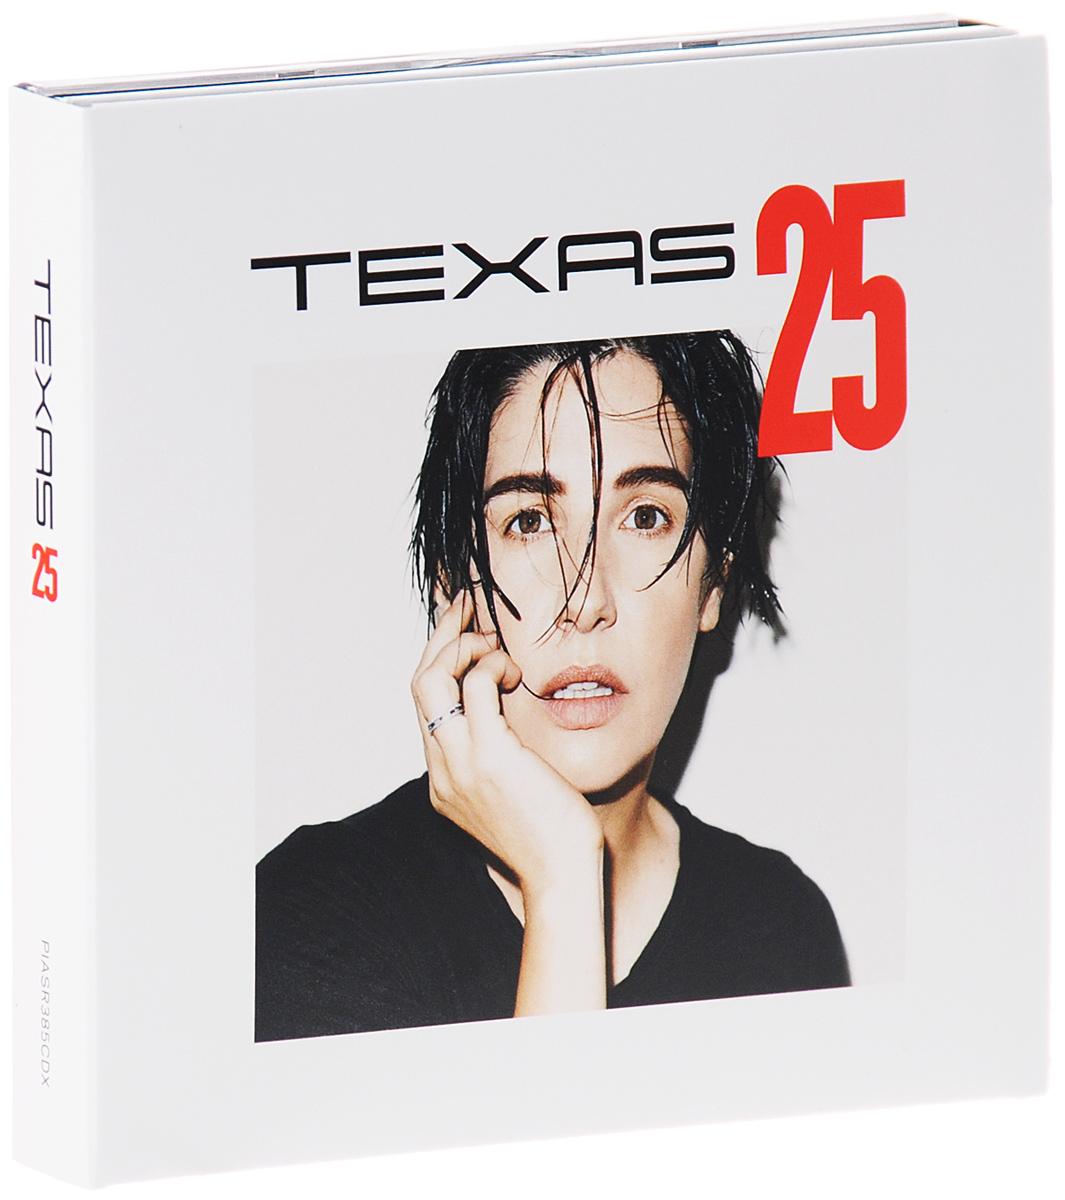 Texas Texas. Texas 25 (2 CD)